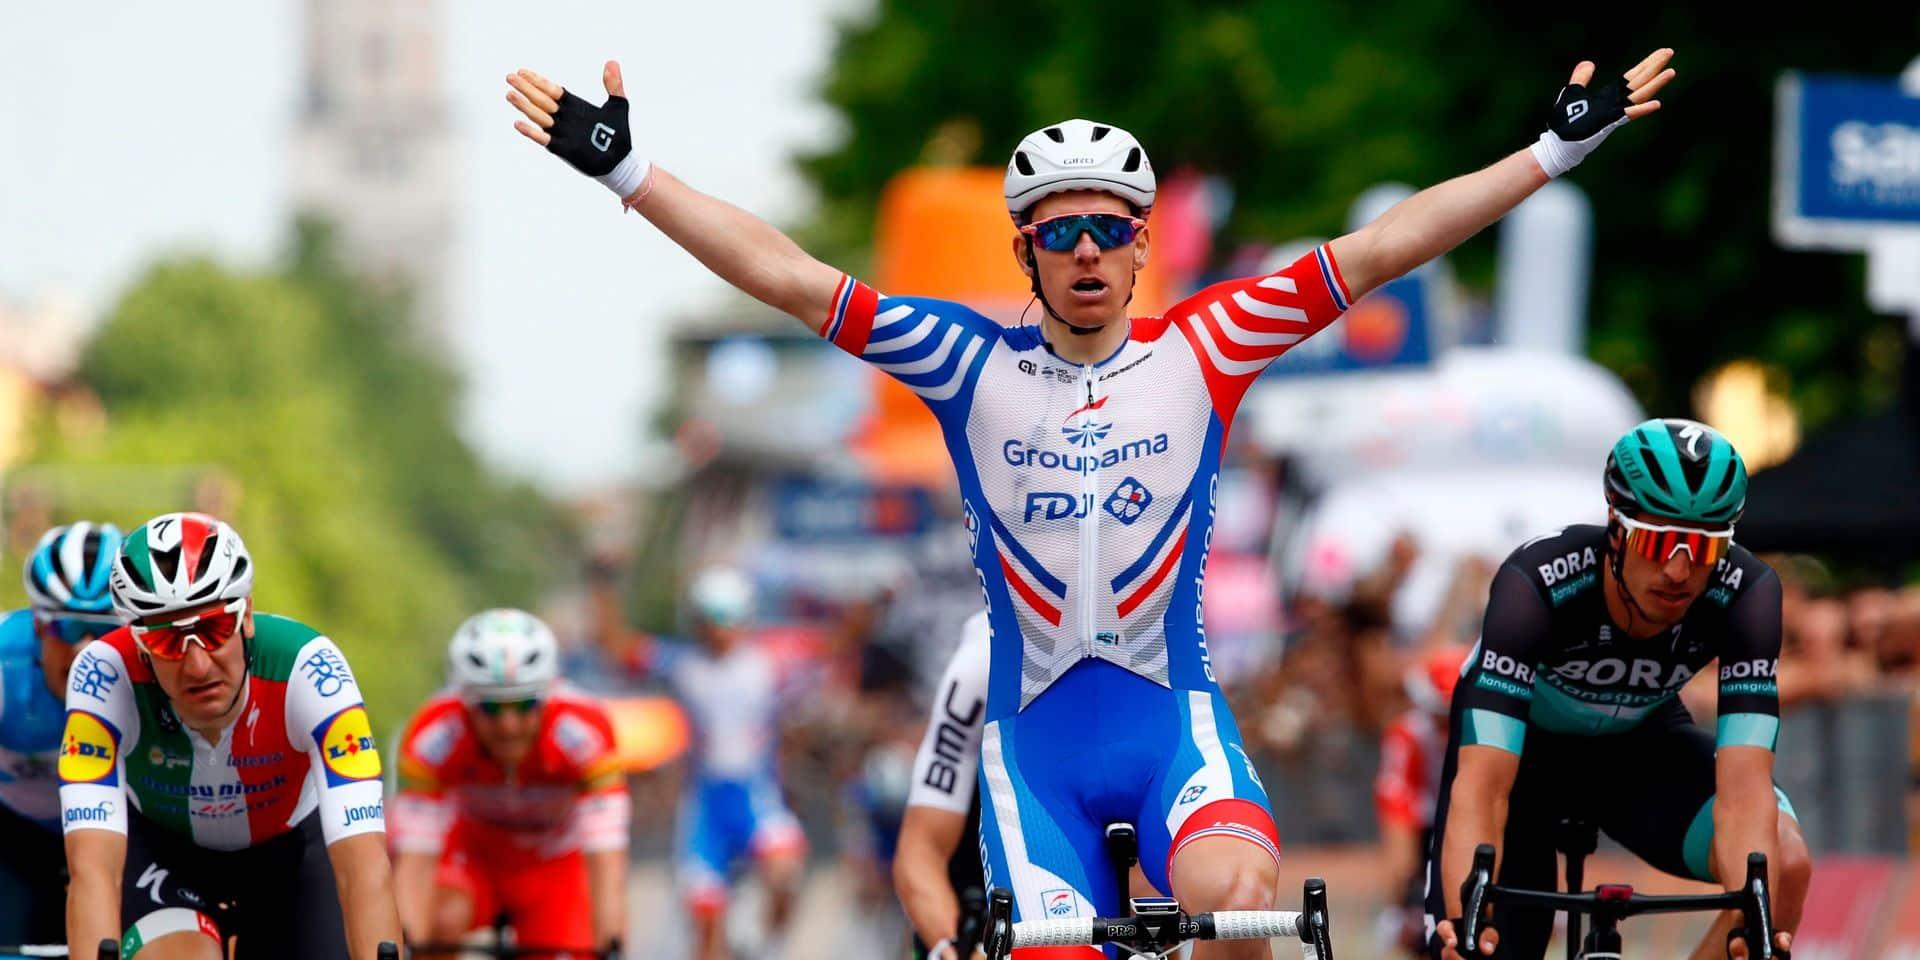 Tour d'Italie: Personne ne domine les sprints